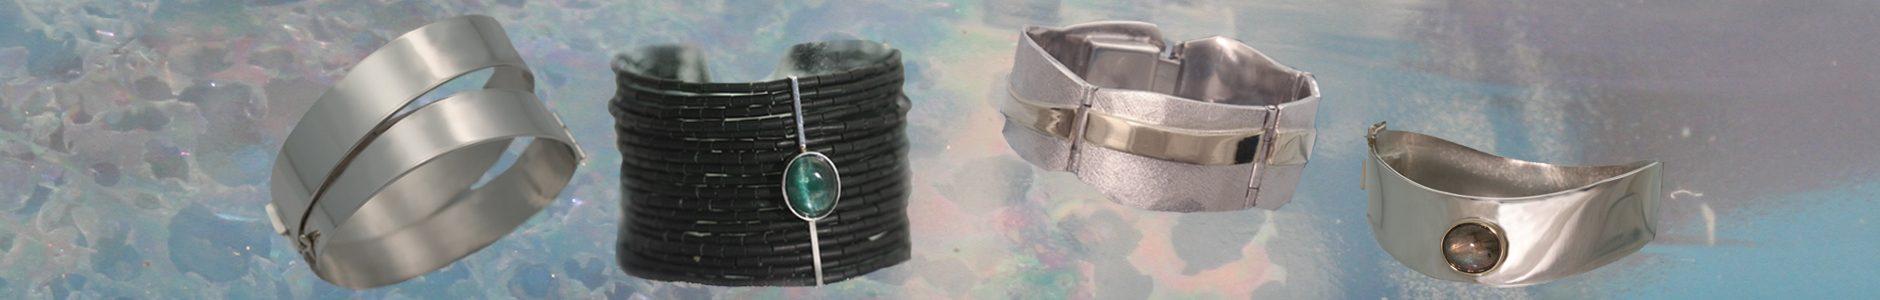 """De armbanden op deze foto zijn in opdracht gemaakt of verkocht uit de collectie: Een strakke zilveren armband, geinspireerd op het bijbelse verhaal, """"de brede smalle weg"""". Een armband van serpentijn kralen en een chrysoberylkattenoog. Een zilveren armband met een gouden strip, symbool voor vijf kinderen, ieder anders, maar wel verbonden. Een glanzende zilveren armband met een labradoriet."""